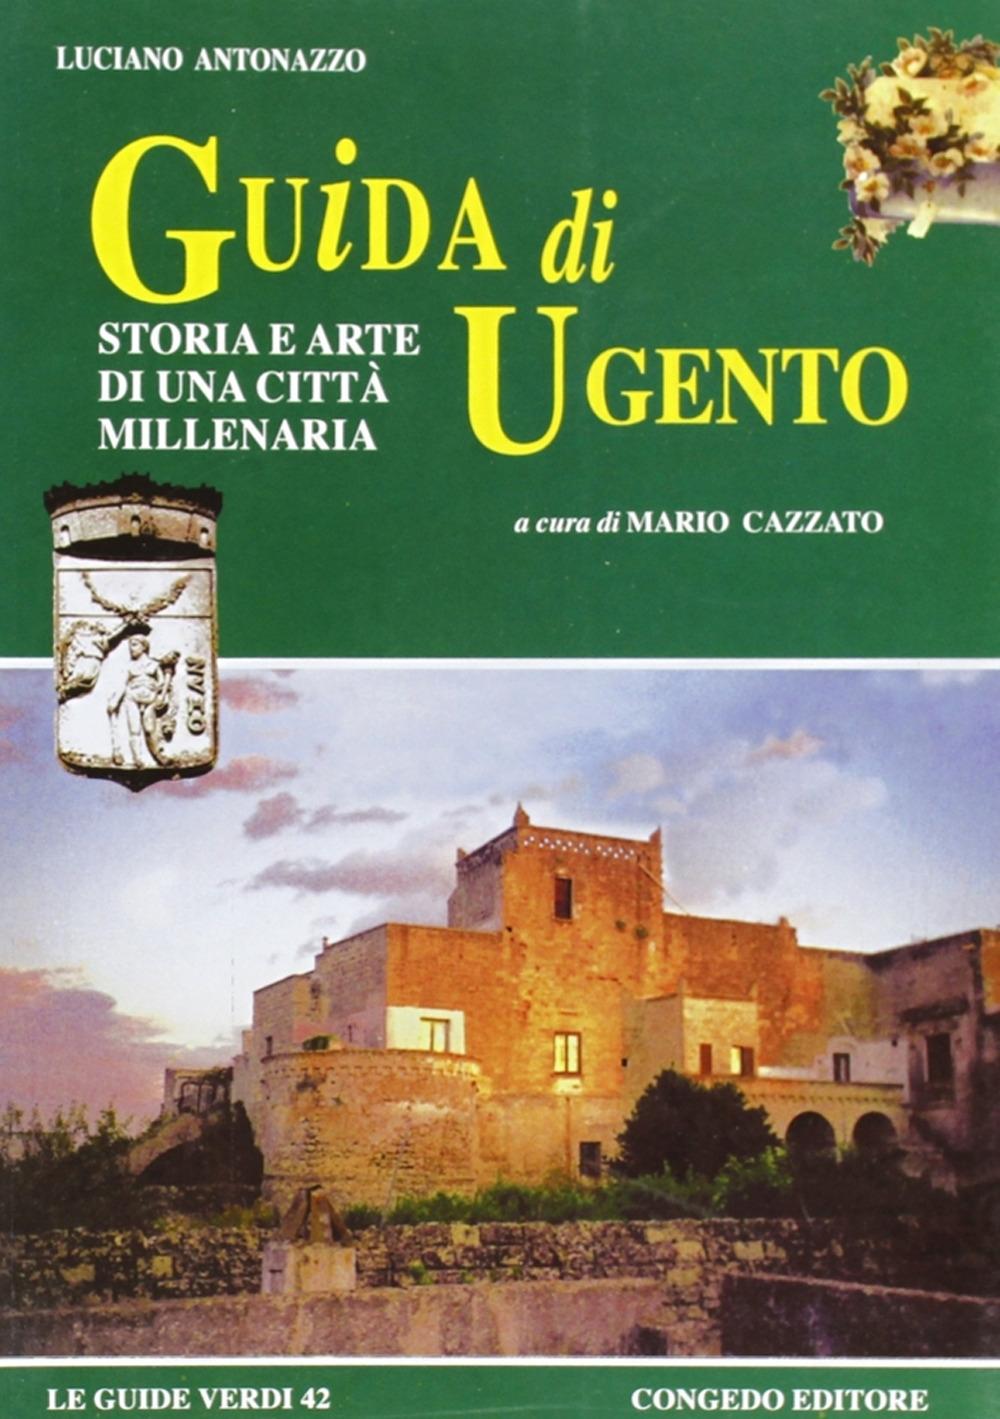 Guida di Ugento. Storia e arte di una città millenaria